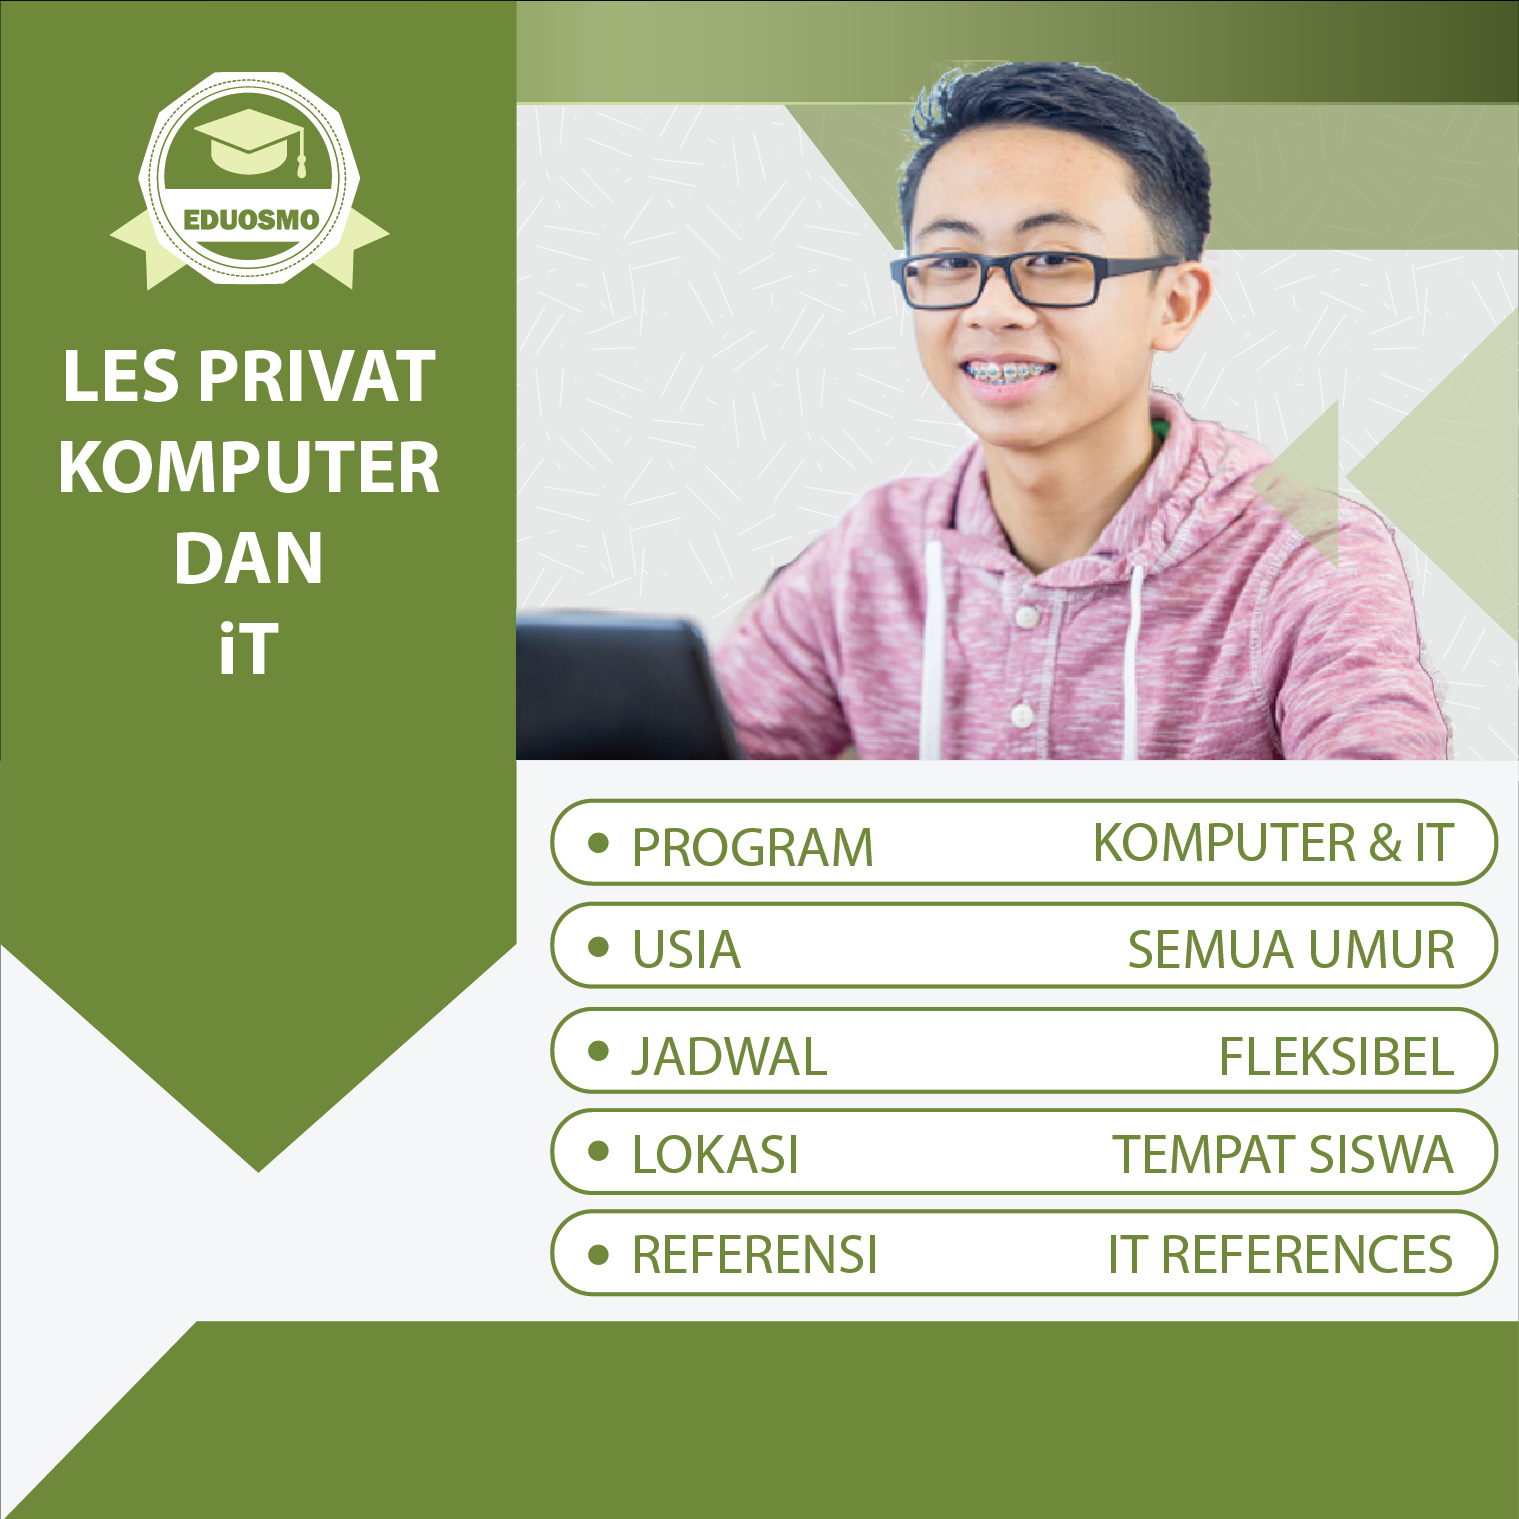 Program Les Privat Komputer It Di Bandung Dengan Guru Datang Ke Rumah Daftar Online Di Eduosmo Com Daftar Atau Wa Kami Di 0878 2444 Pendidikan Guru Komputer